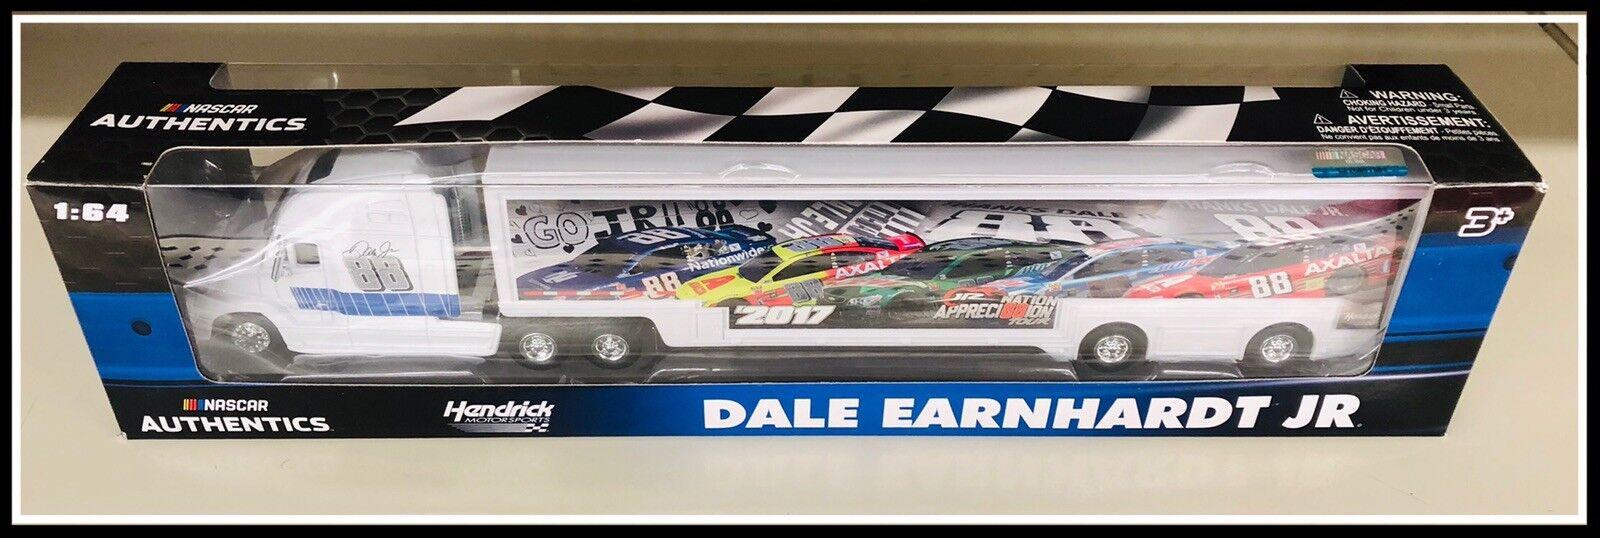 NEW  DALE JR NATION Appreci88ion Tour Hauler Diecast Diecast Diecast 1 64 NASCAR AUTHENTICS bdd069